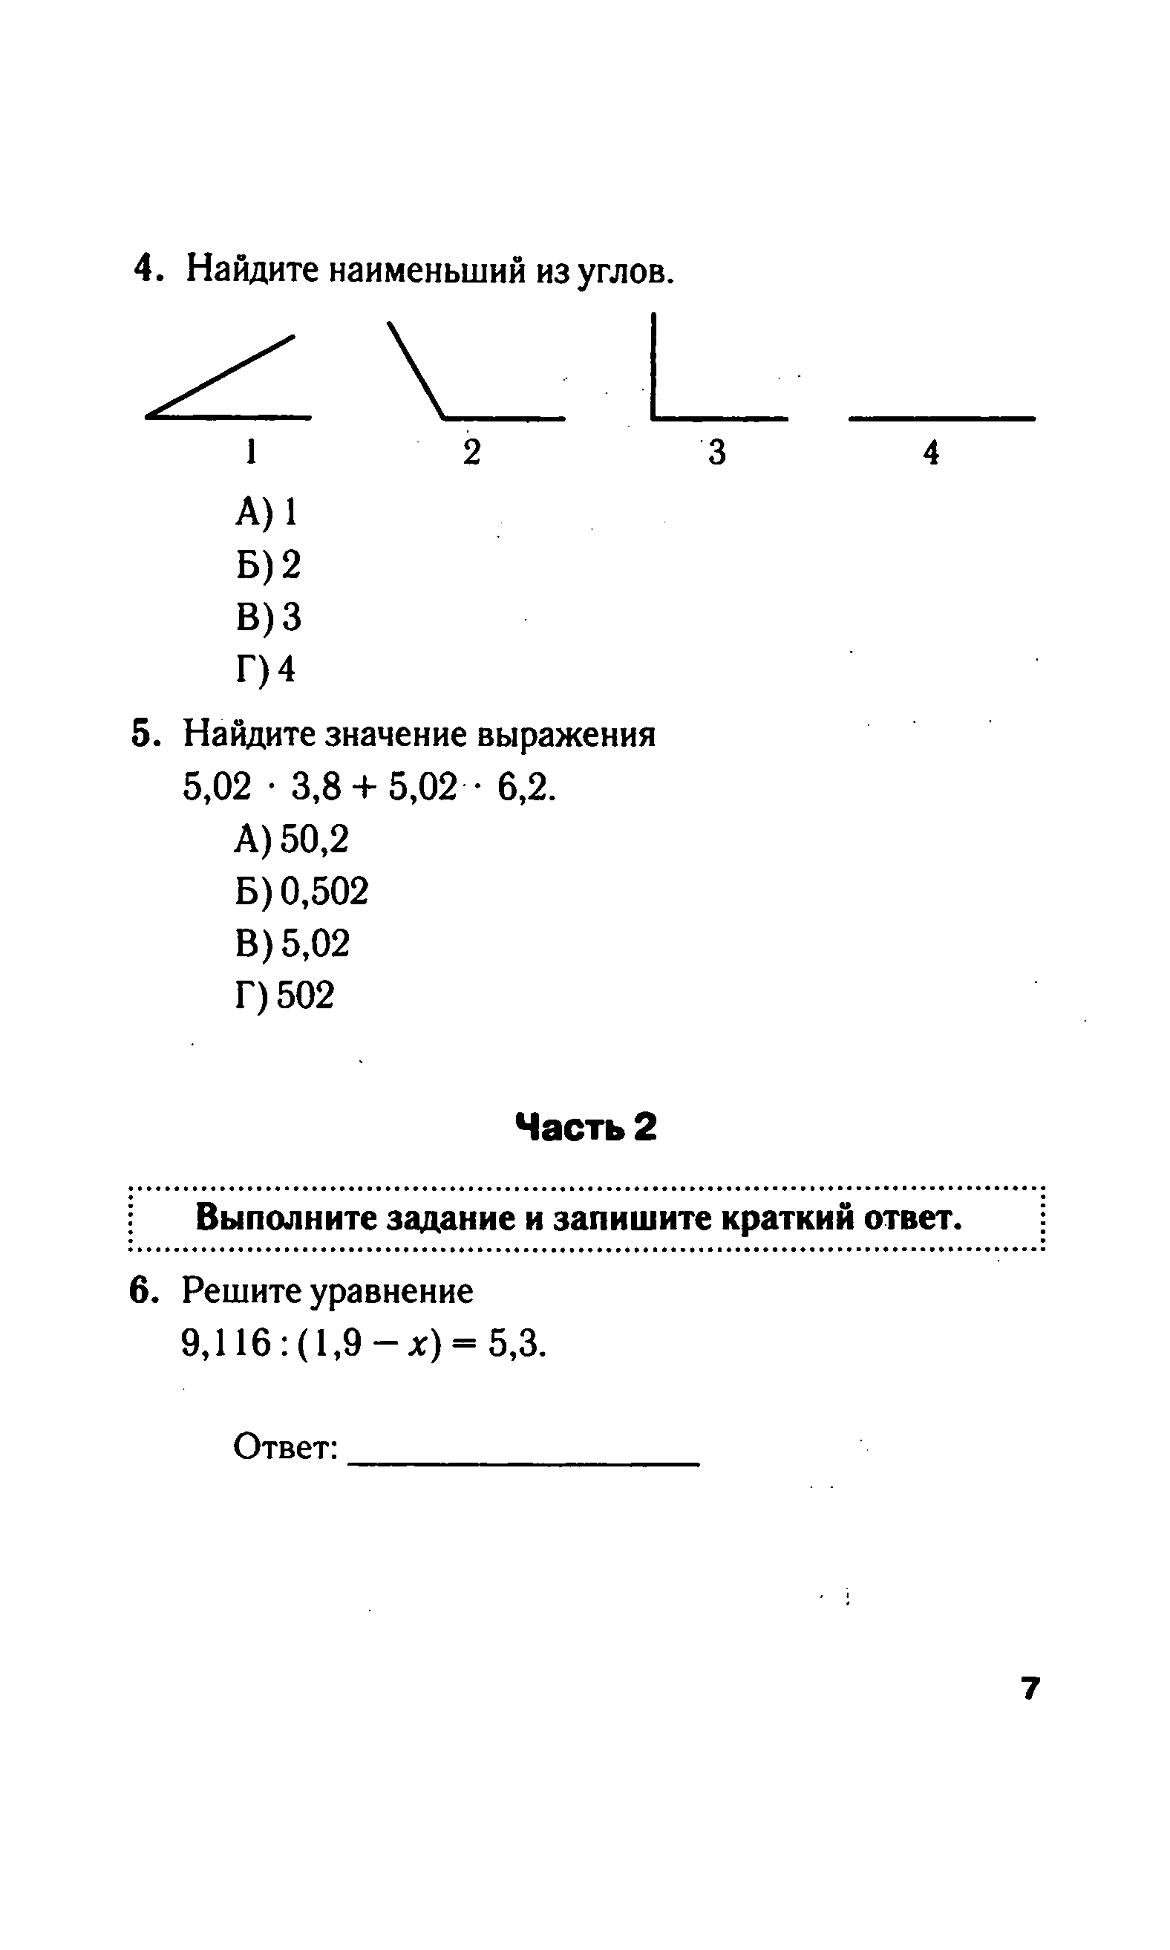 Скачать Ответы Контрольно-измерительные Материалы - картинка 2